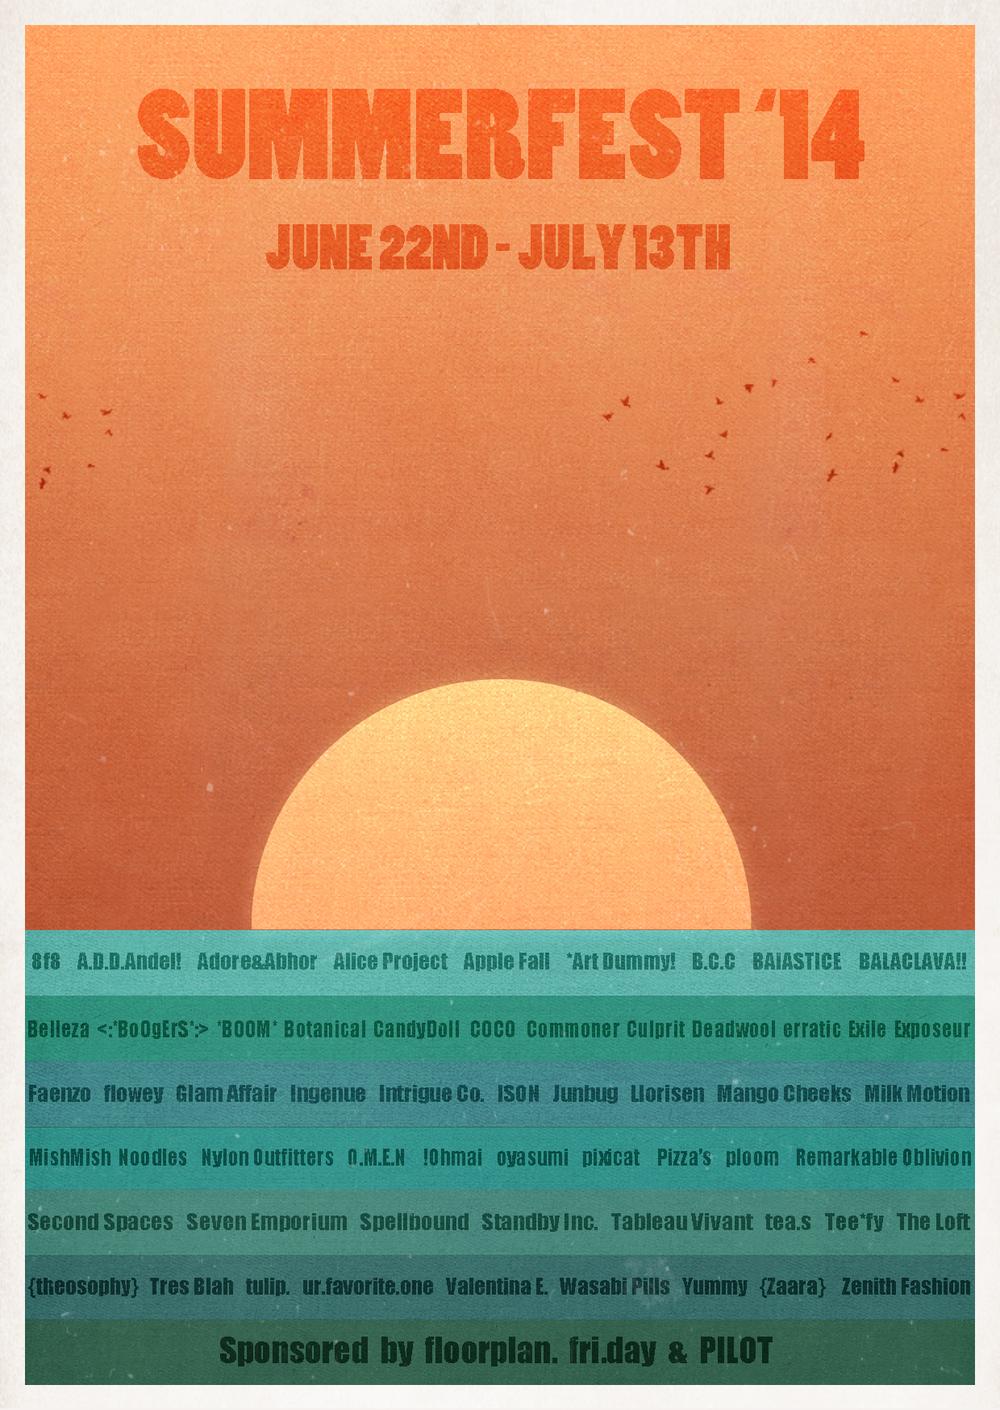 Summerfest14 Teaser.jpg